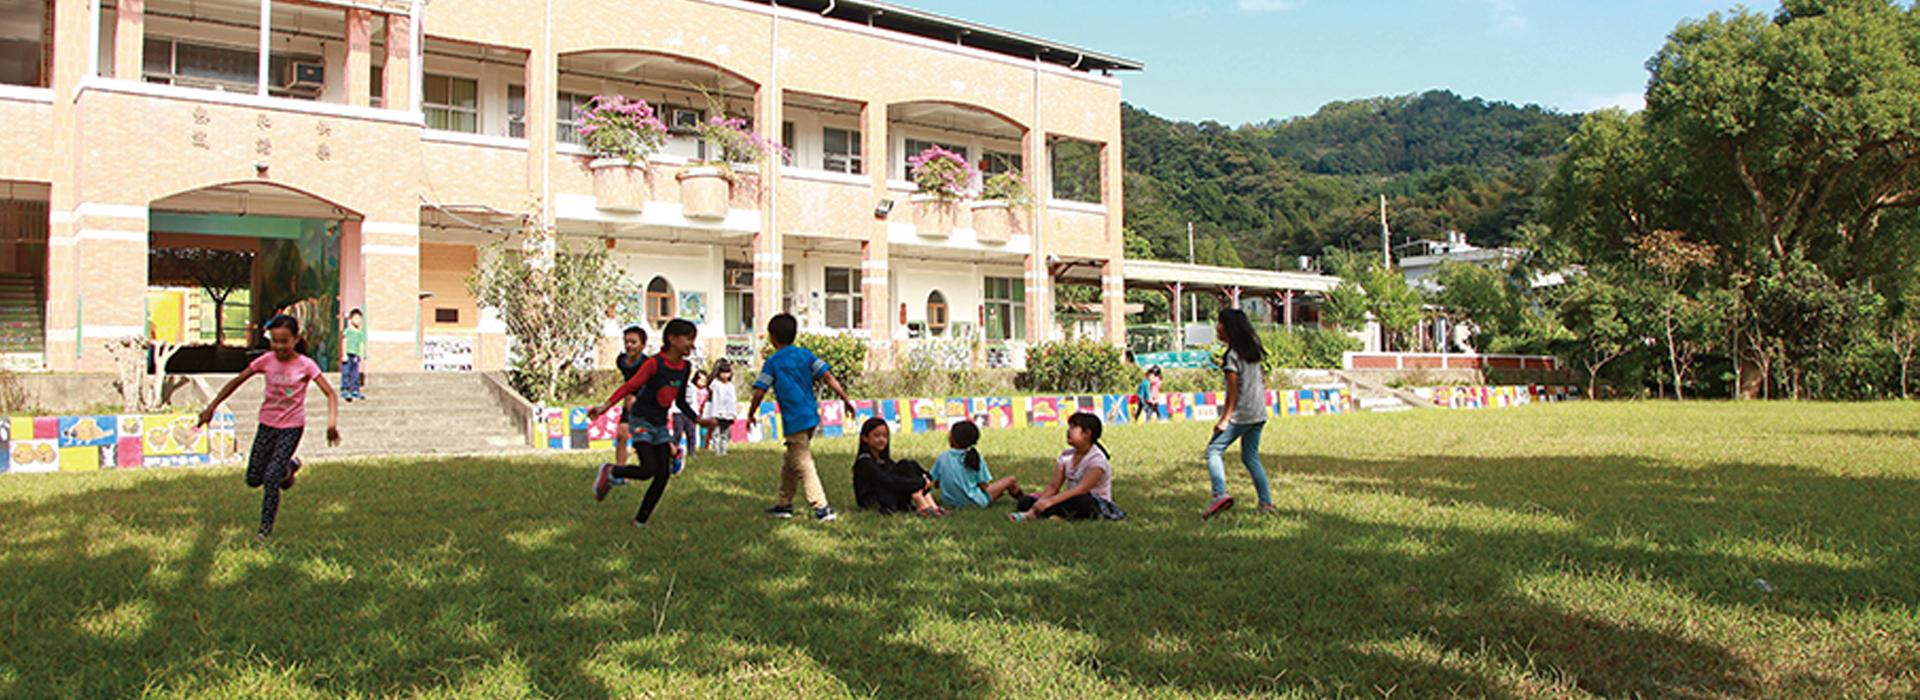 家長篇〉父母角色為孩子選擇學校:9成就讀公校,父母怎麼參與?